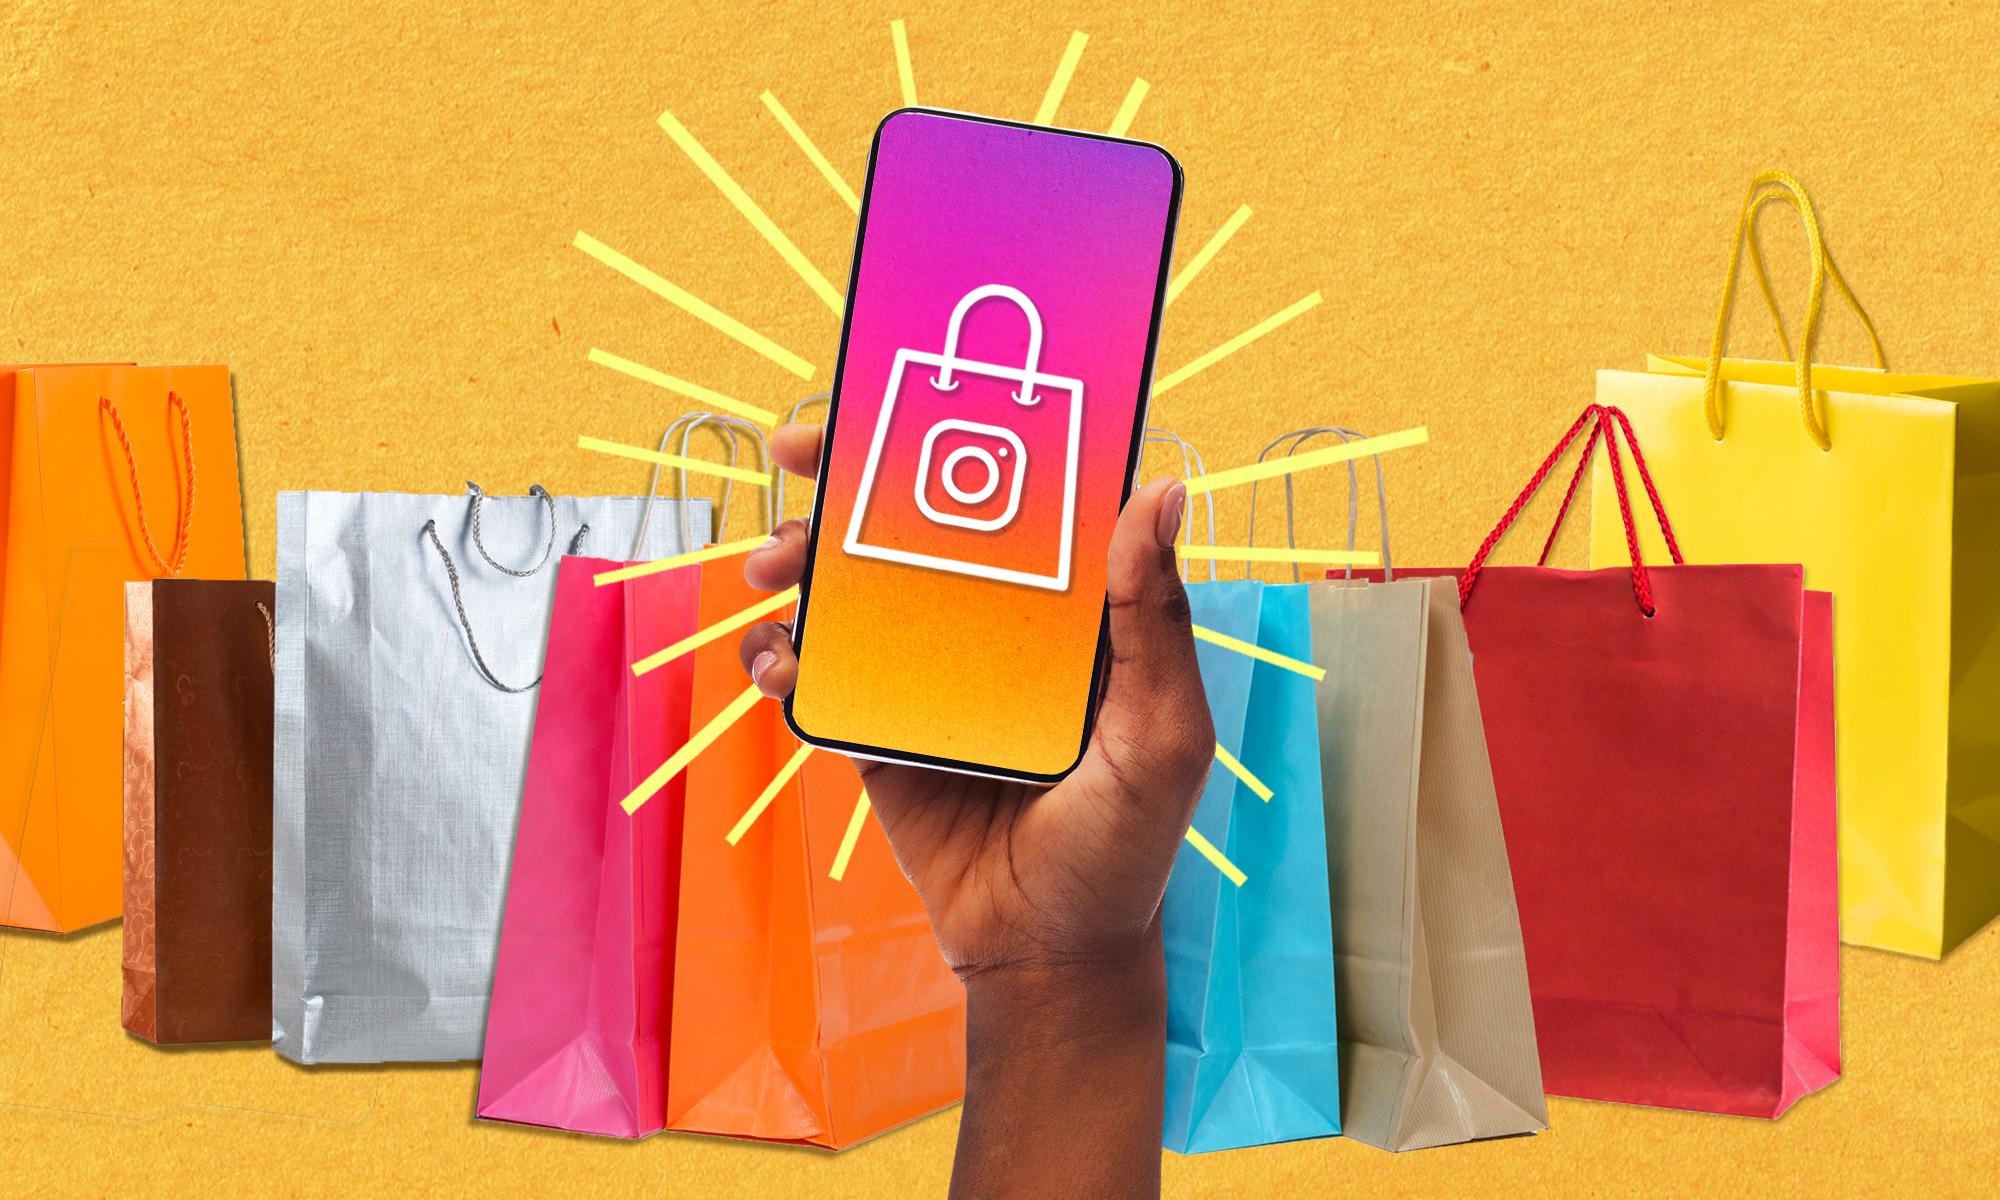 一只手拿着手机,身后是五颜六色的购物袋